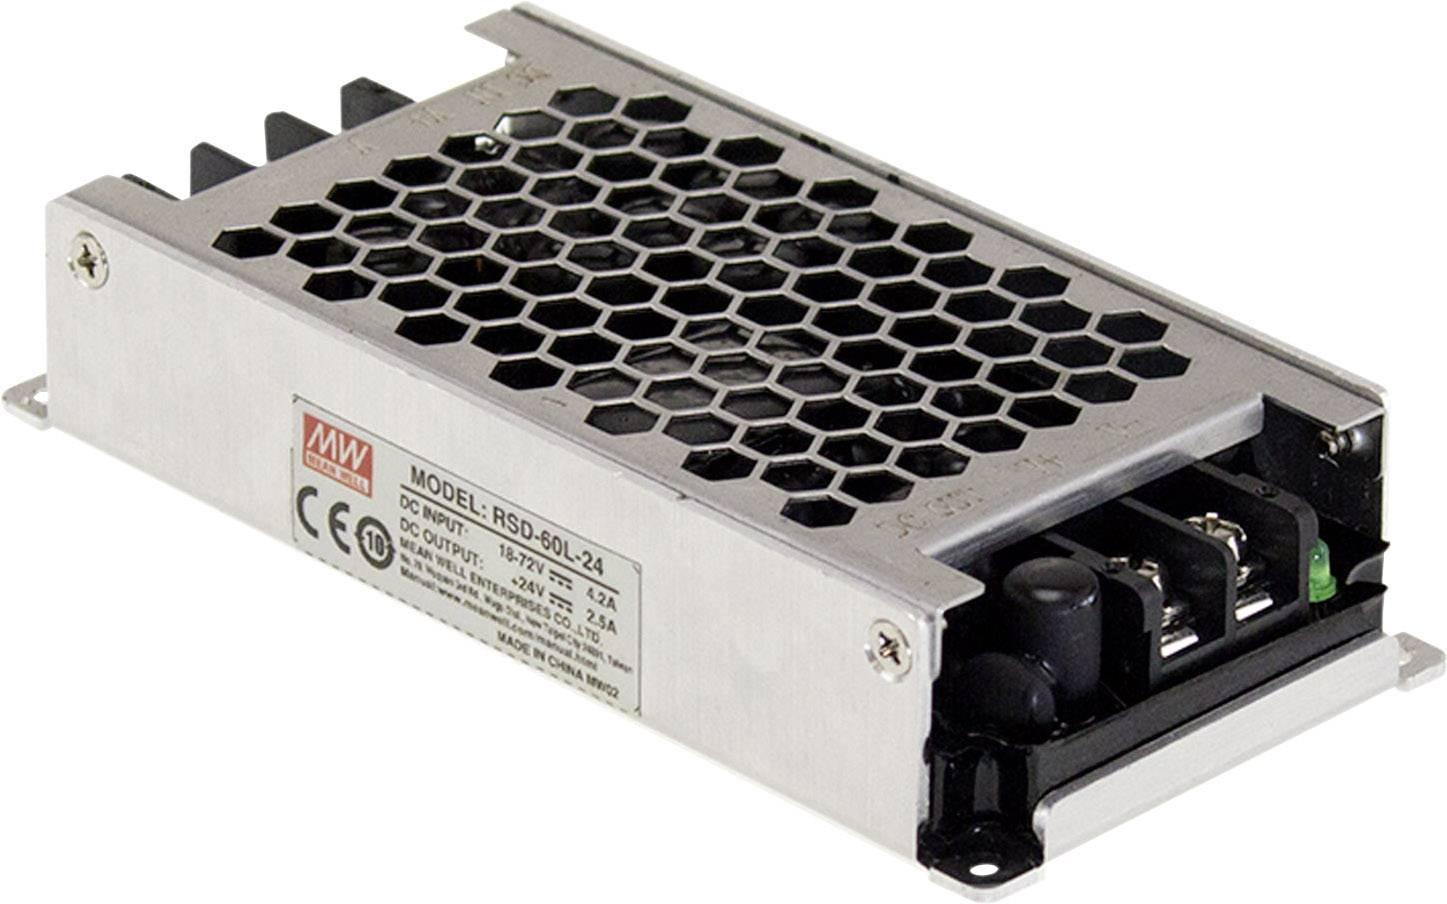 DC/DC měnič napětí do auta Mean Well RSD-60G-3.3 3.3 V/DC/12 A